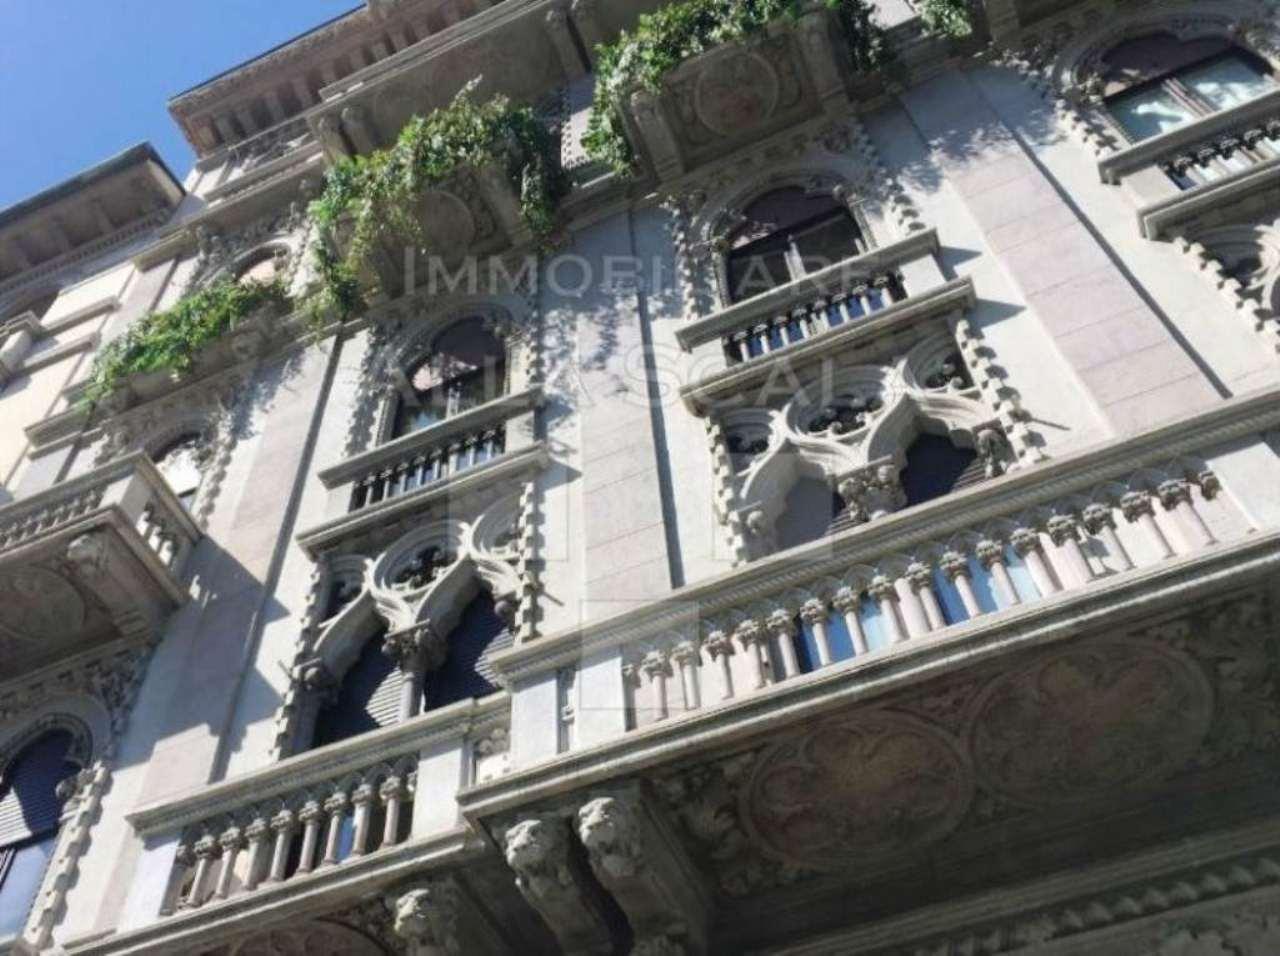 Appartamento in affitto a Milano, 5 locali, zona Zona: 1 . Centro Storico, Duomo, Brera, Cadorna, Cattolica, prezzo € 2.500 | Cambio Casa.it